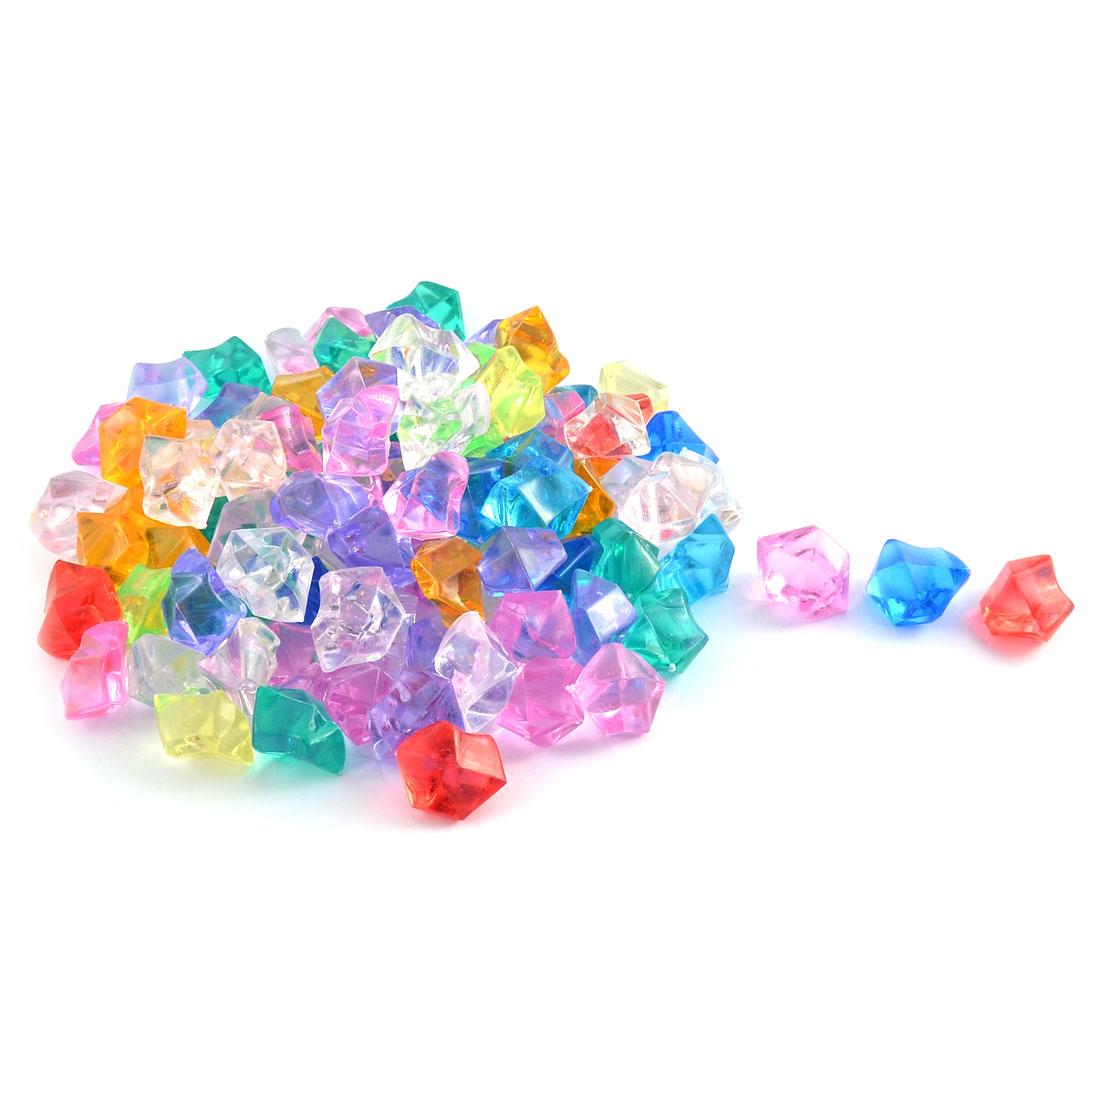 Fish Tank Plastic Artificial Crystal Aquarium Glass Stones Assorted Color 100pcs